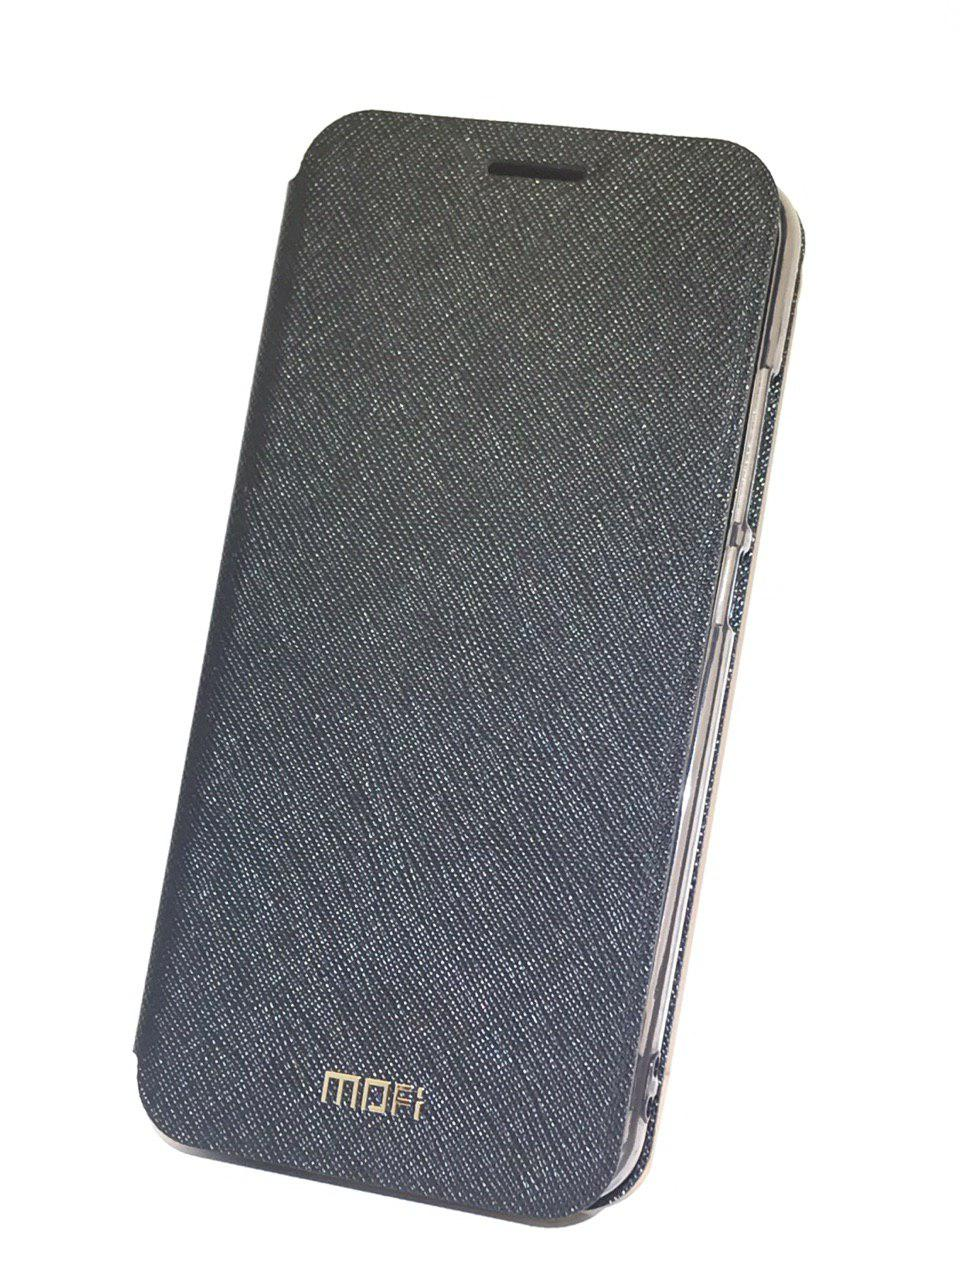 Чехол для сотового телефона Mofi Книжка Ribbed Xiaomi Redmi 4A Black, черный чехол для xiaomi redmi 4a caseguru soft touch черный